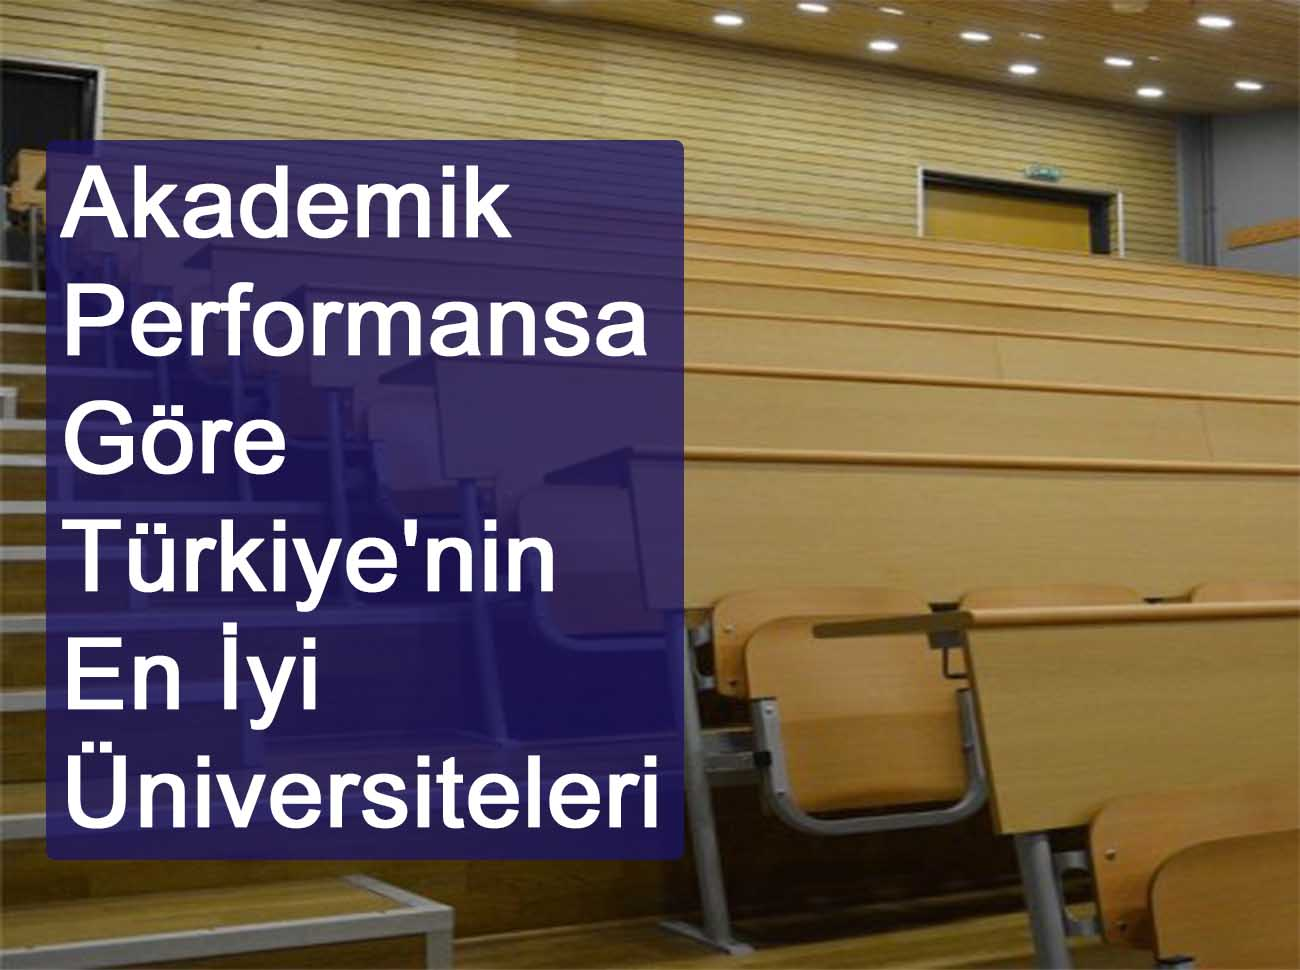 Akademik Performansa Göre Türkiye'nin Üniversiteleri